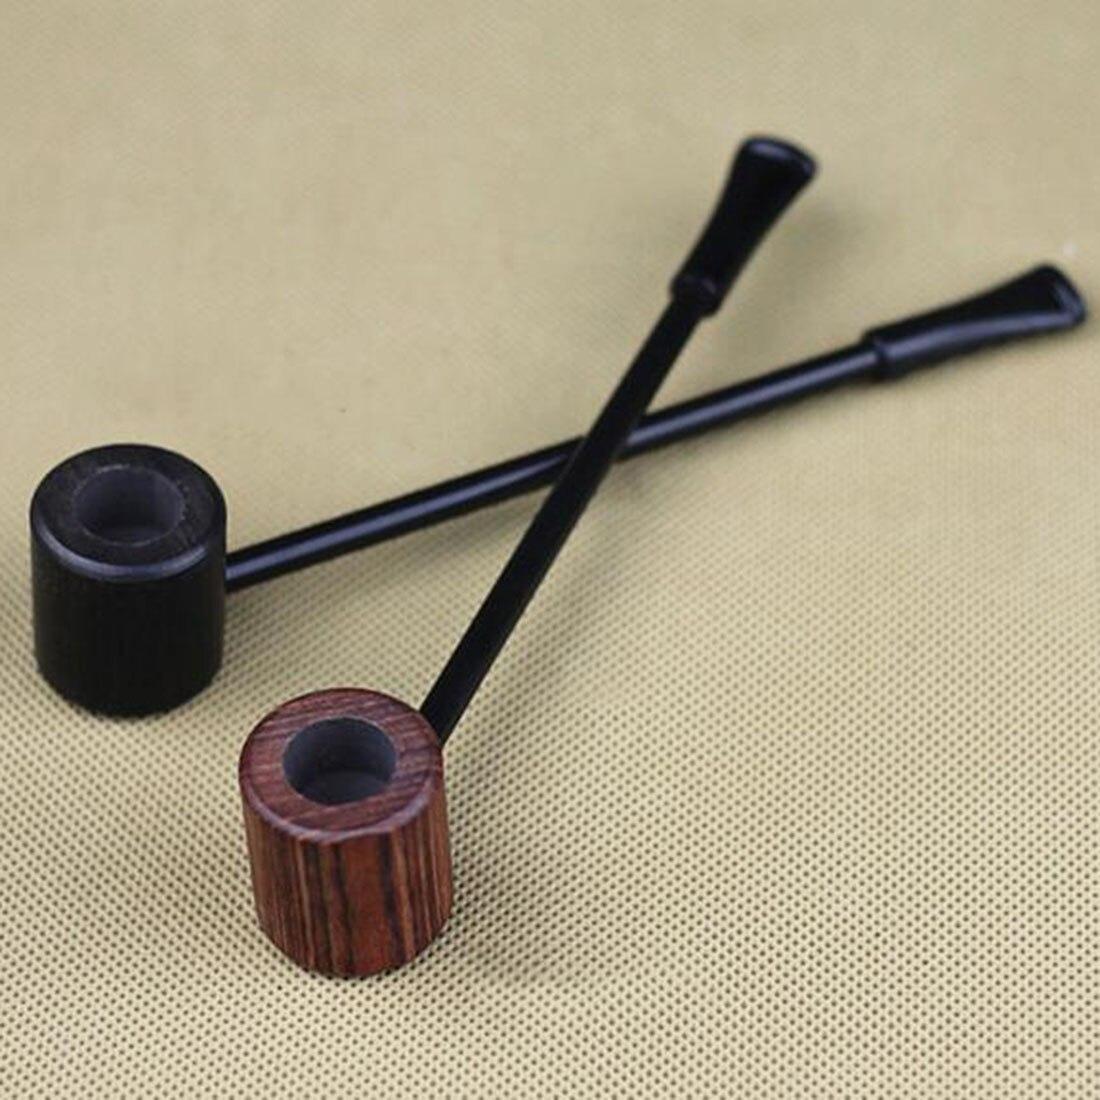 2016 New High Quality Grade Fashion Long Ebony Wood Smoking Pipes Popeye Tobacco Cigarettes Cigar Pipes